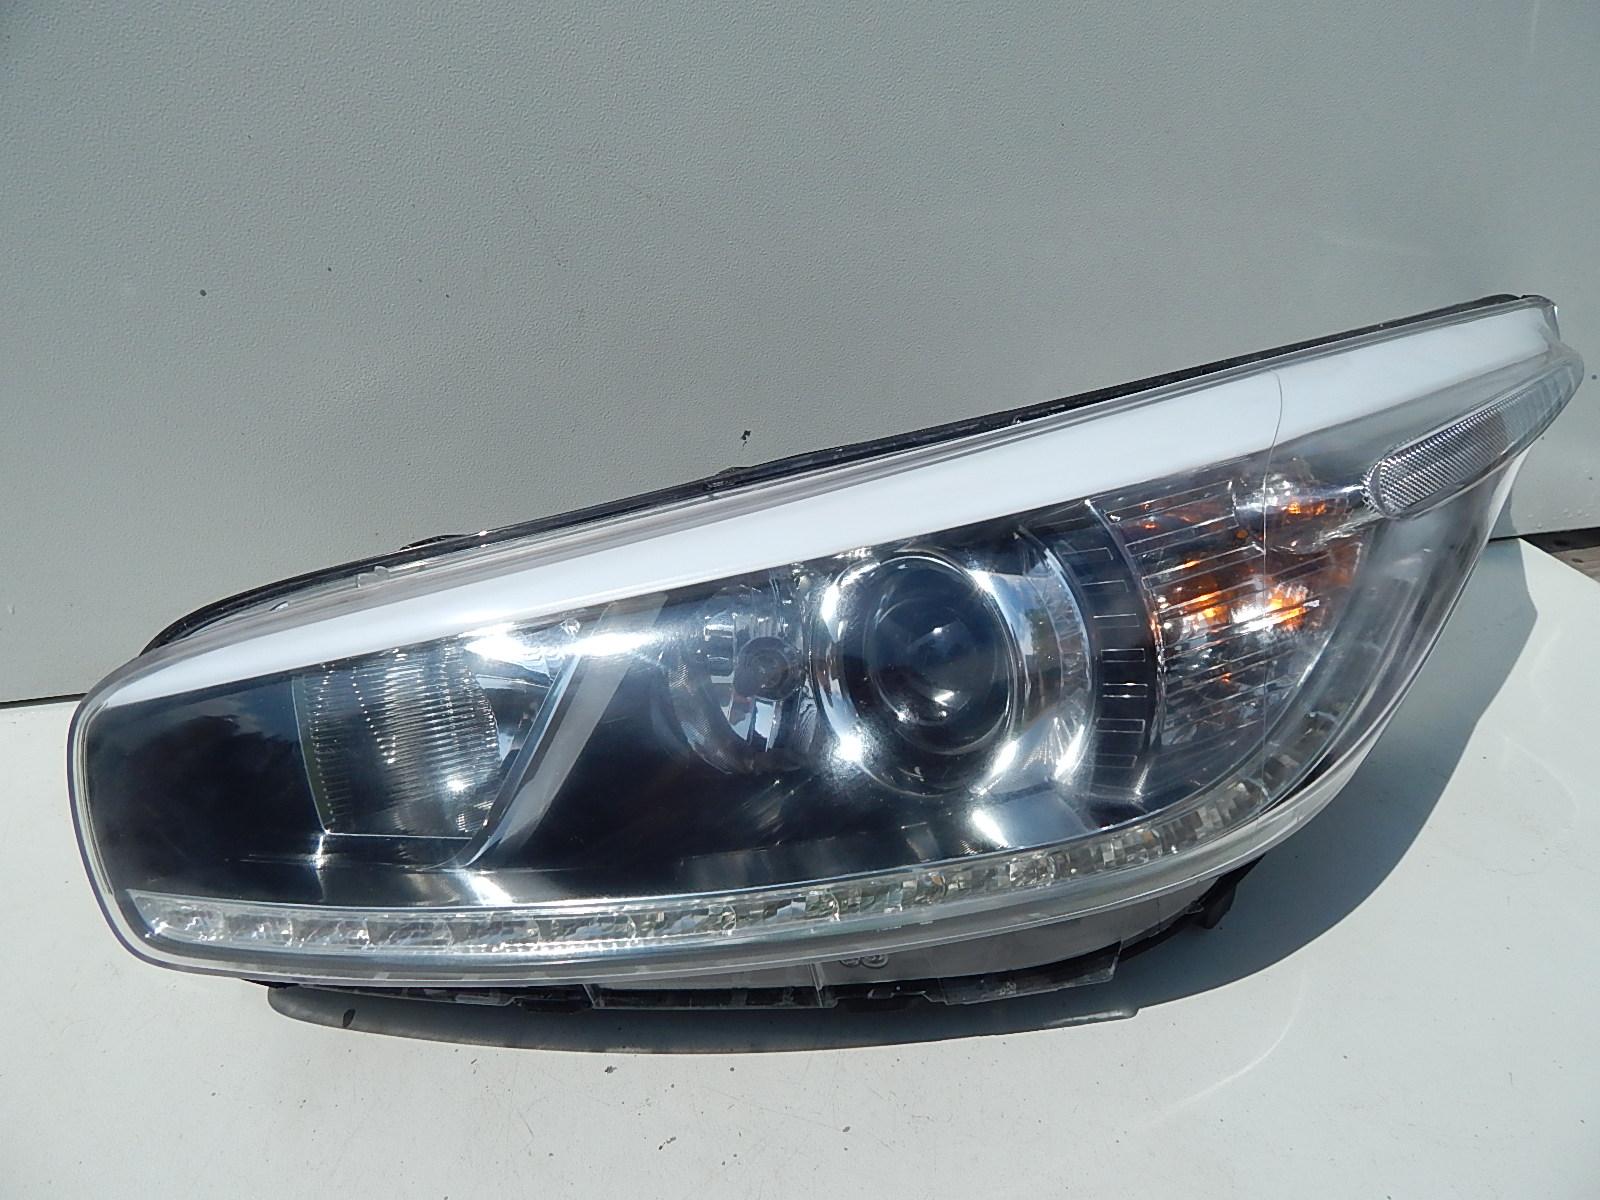 Naprawa świateł Samochodowych Kia Ceed Ii Lewa Lampa Przód Led